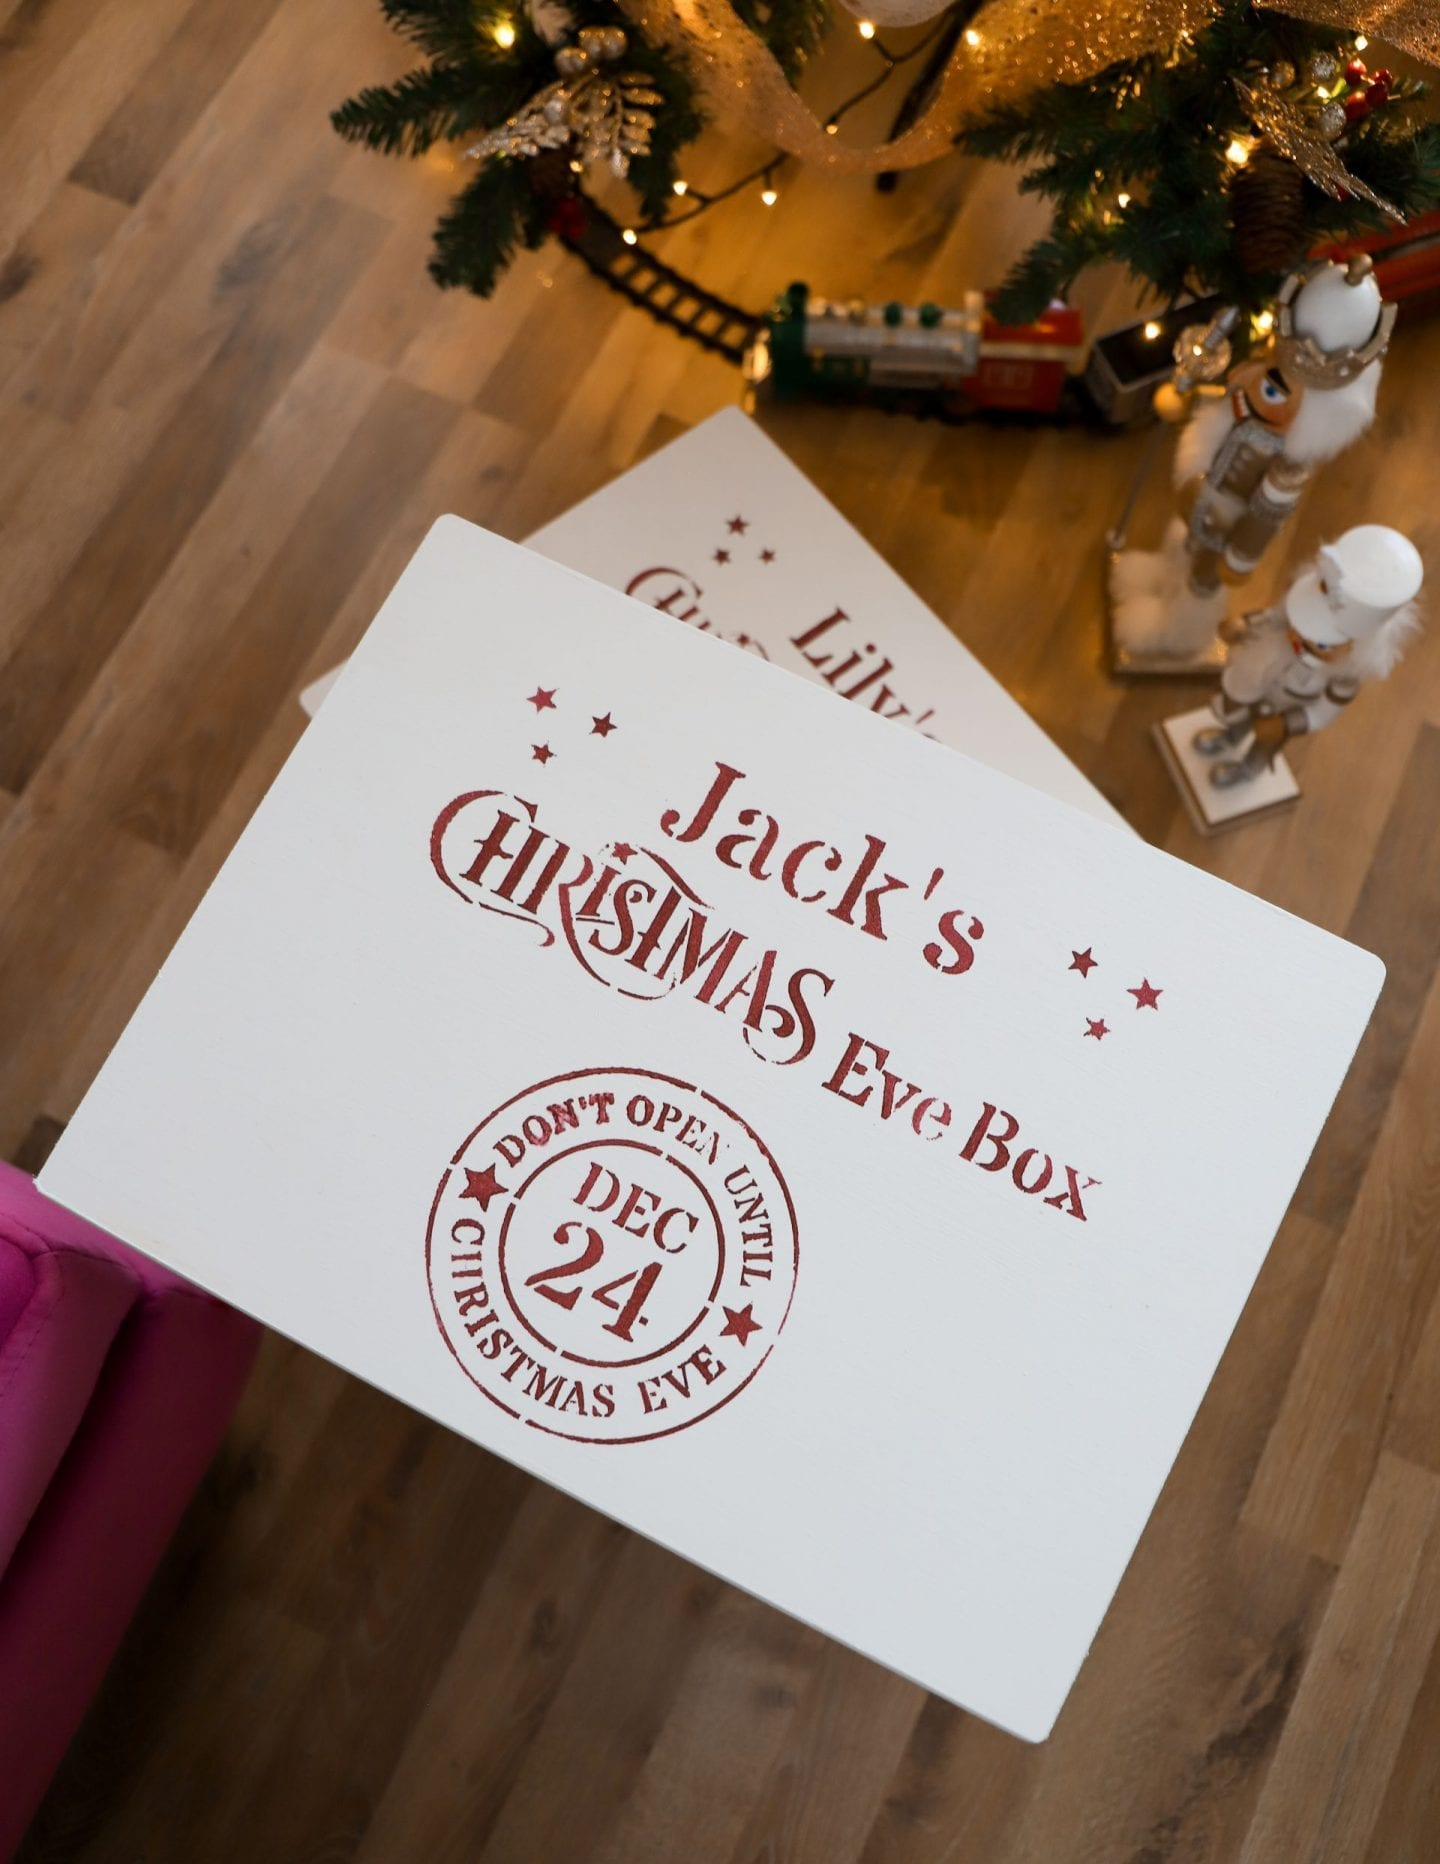 DIY Christmas Eve Box